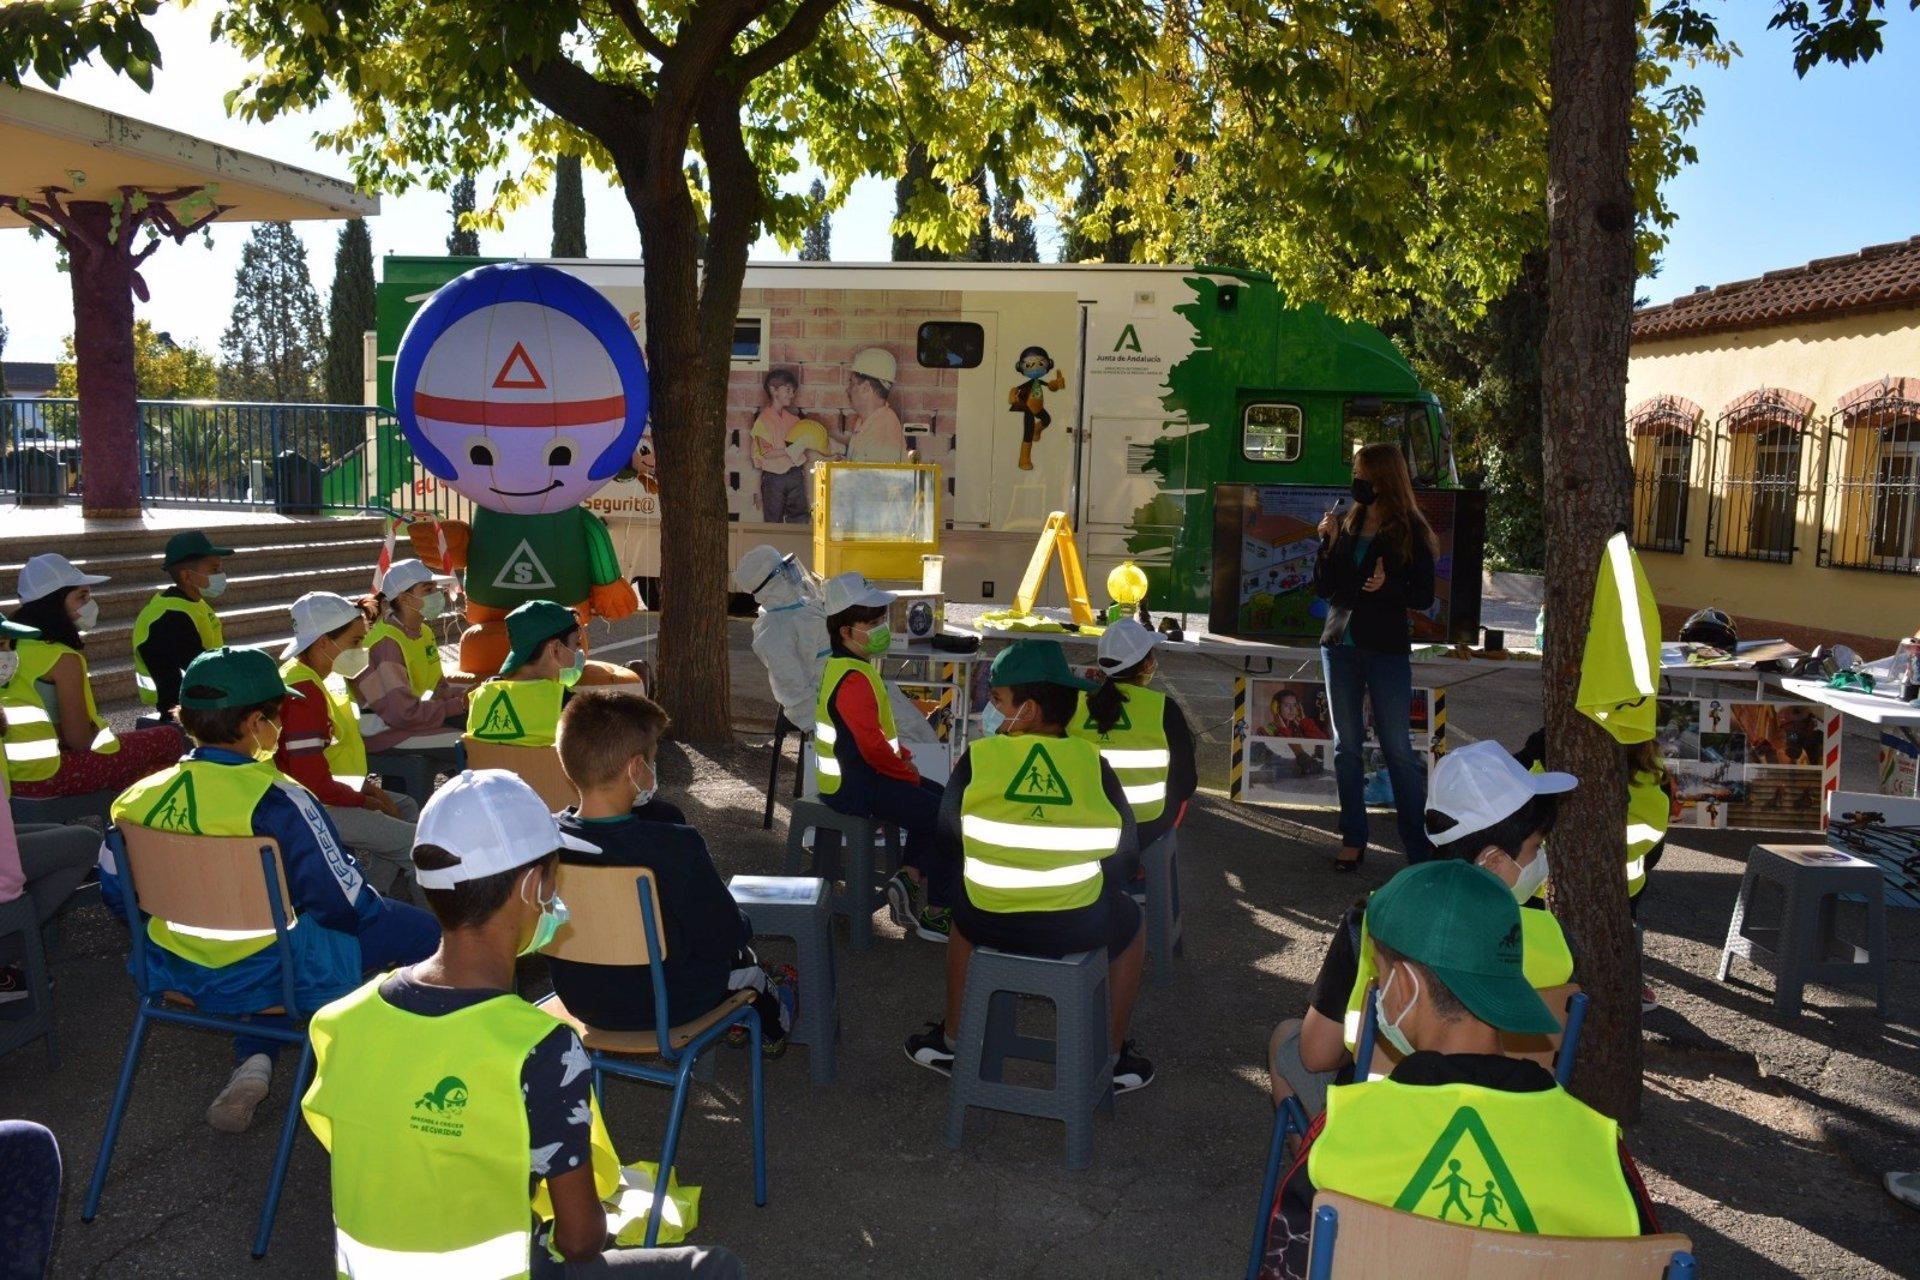 La campaña escolar 'Aprende a crecer con seguridad' contará con la participación de 1.500 alumnos